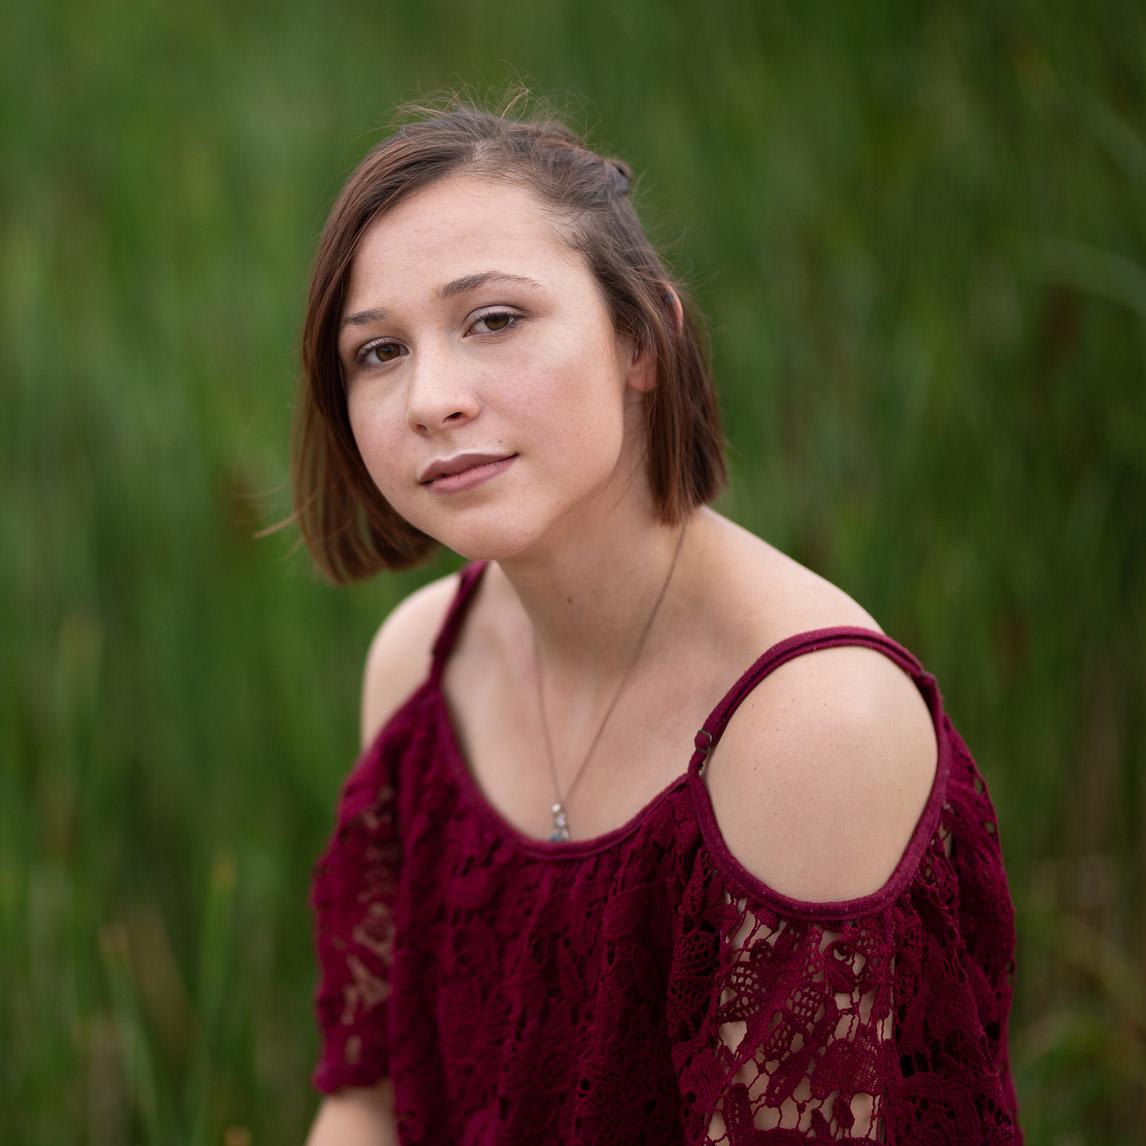 Senior Portraits - Allie